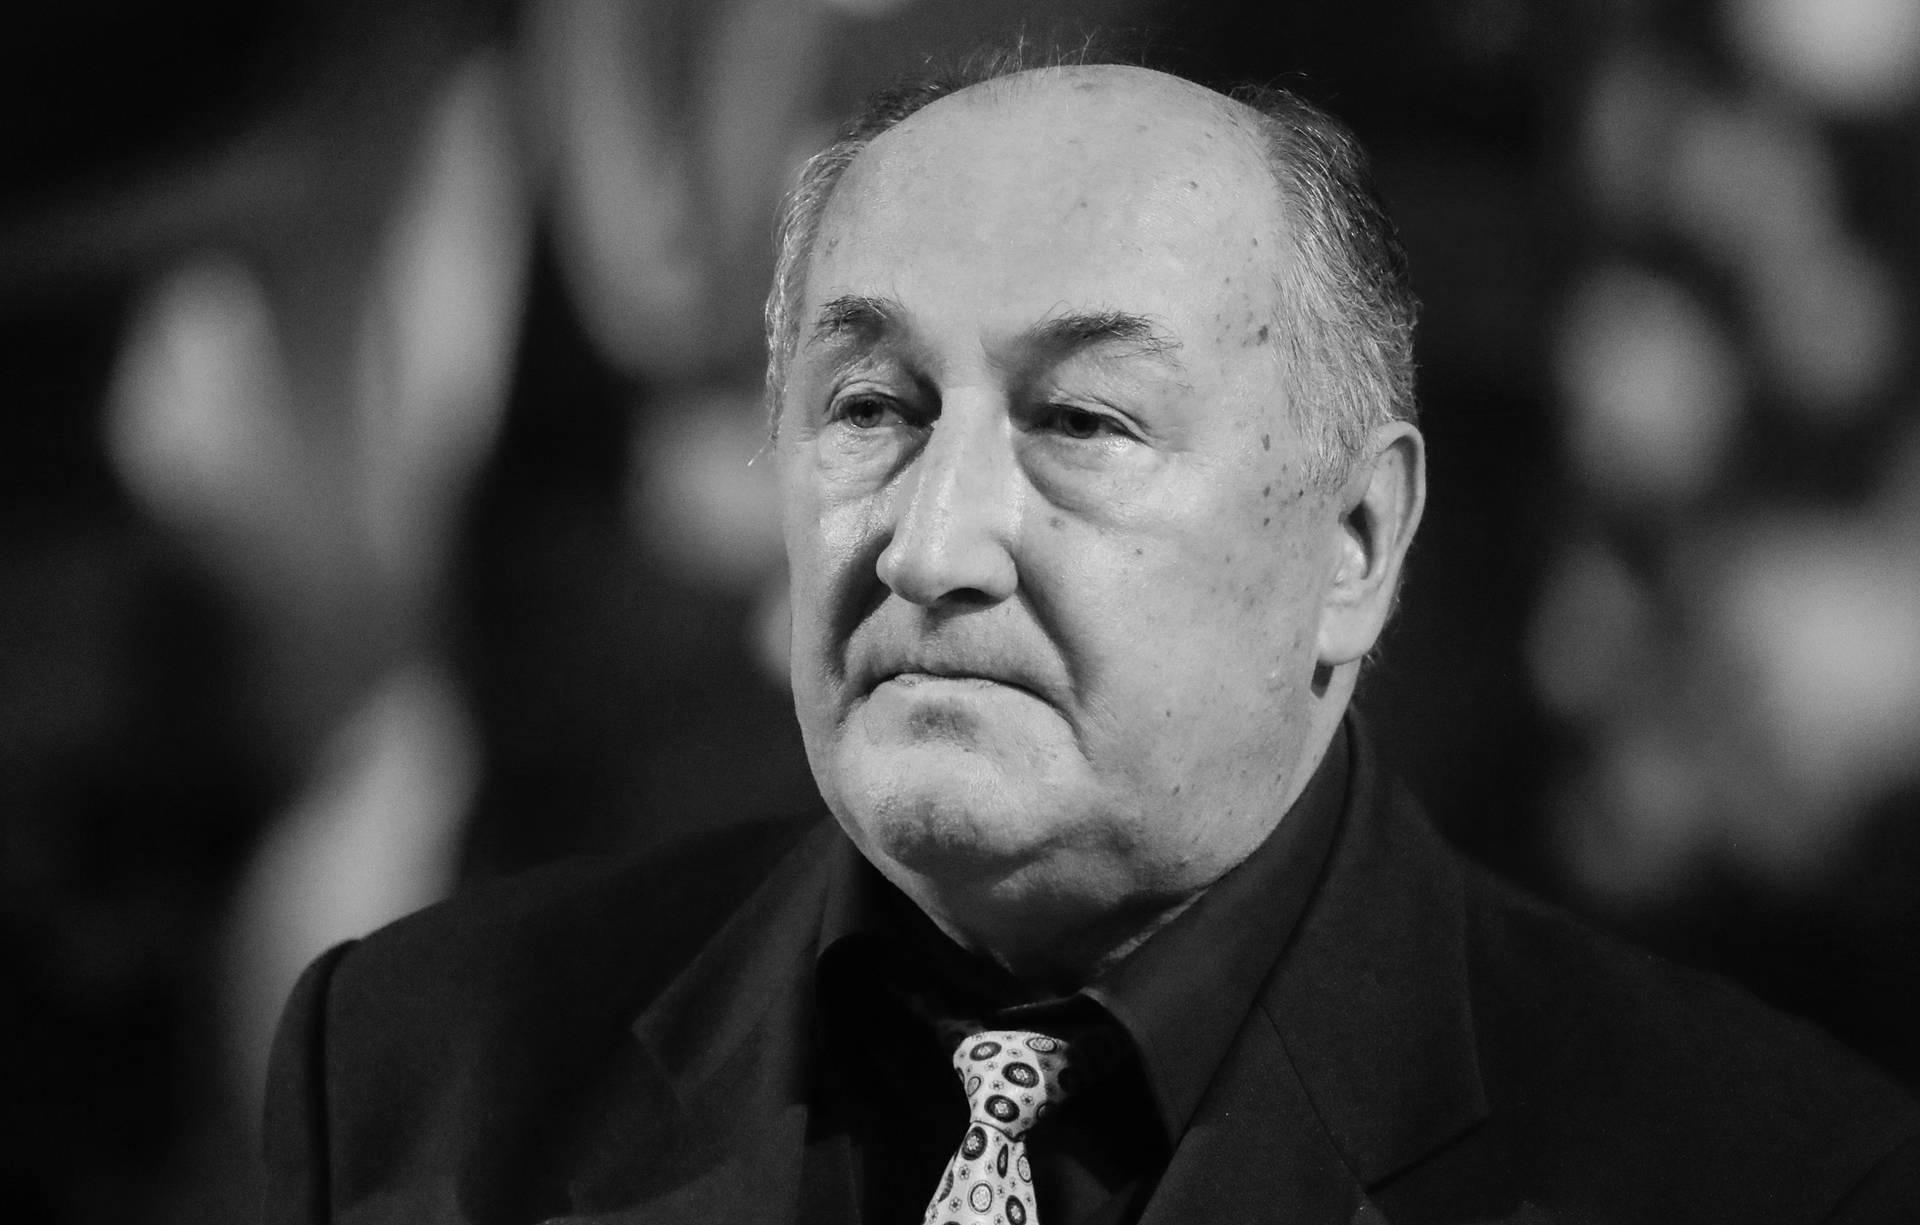 Умер народный артист России Борис Клюев — дед Коля из «Ворониных»